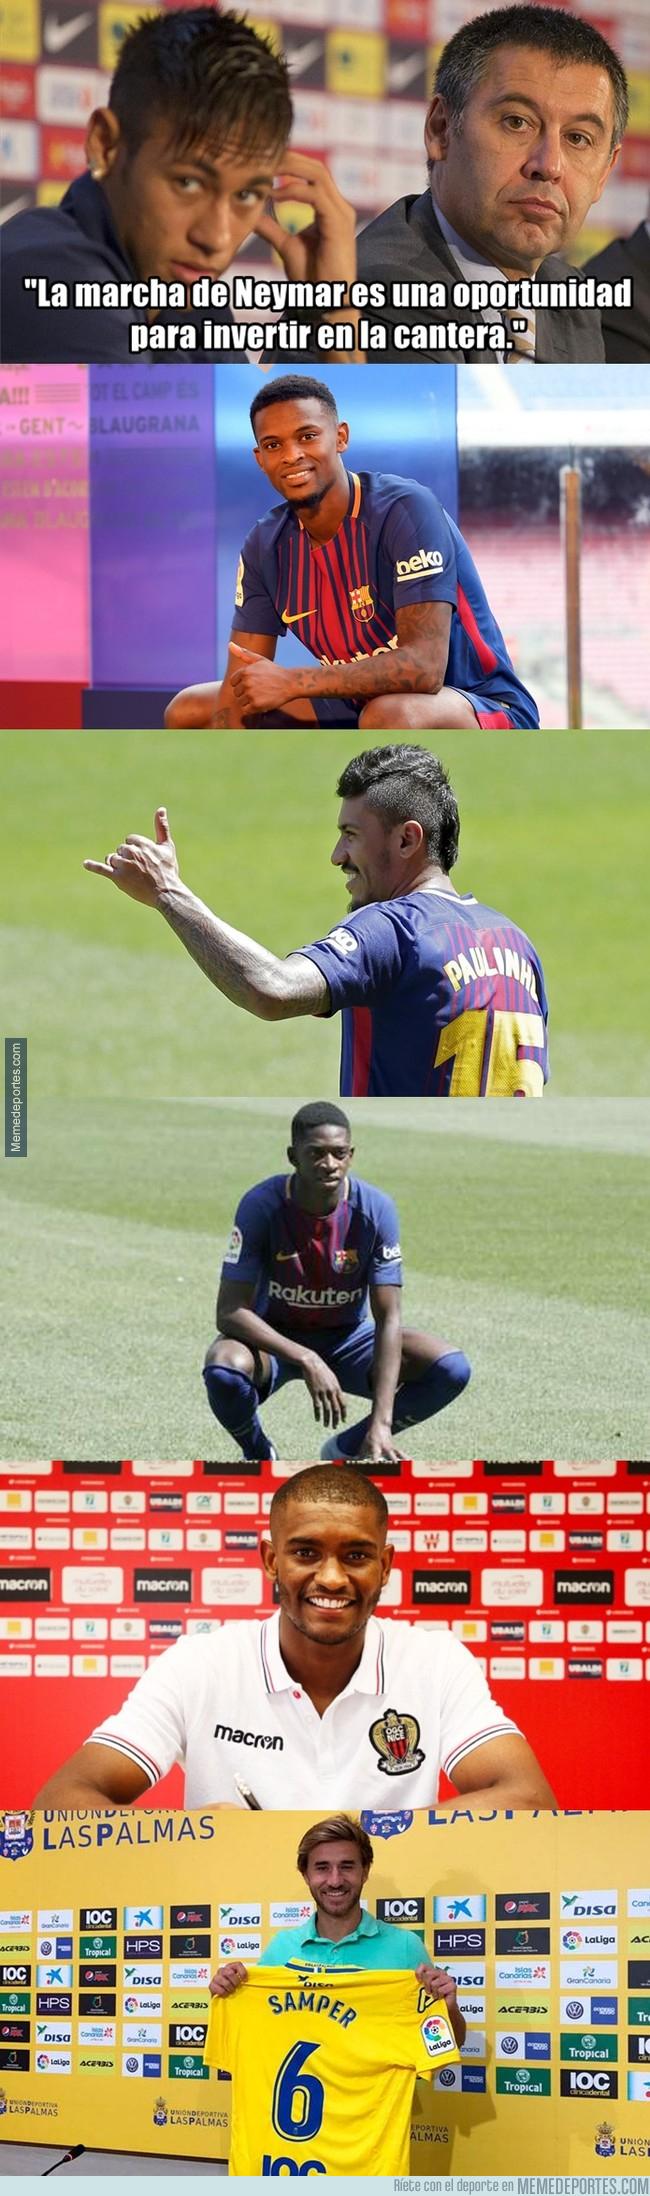 997639 - Las últimas palabras de Bartomeu sobre Neymar son lo más estúpido que se ha visto en años